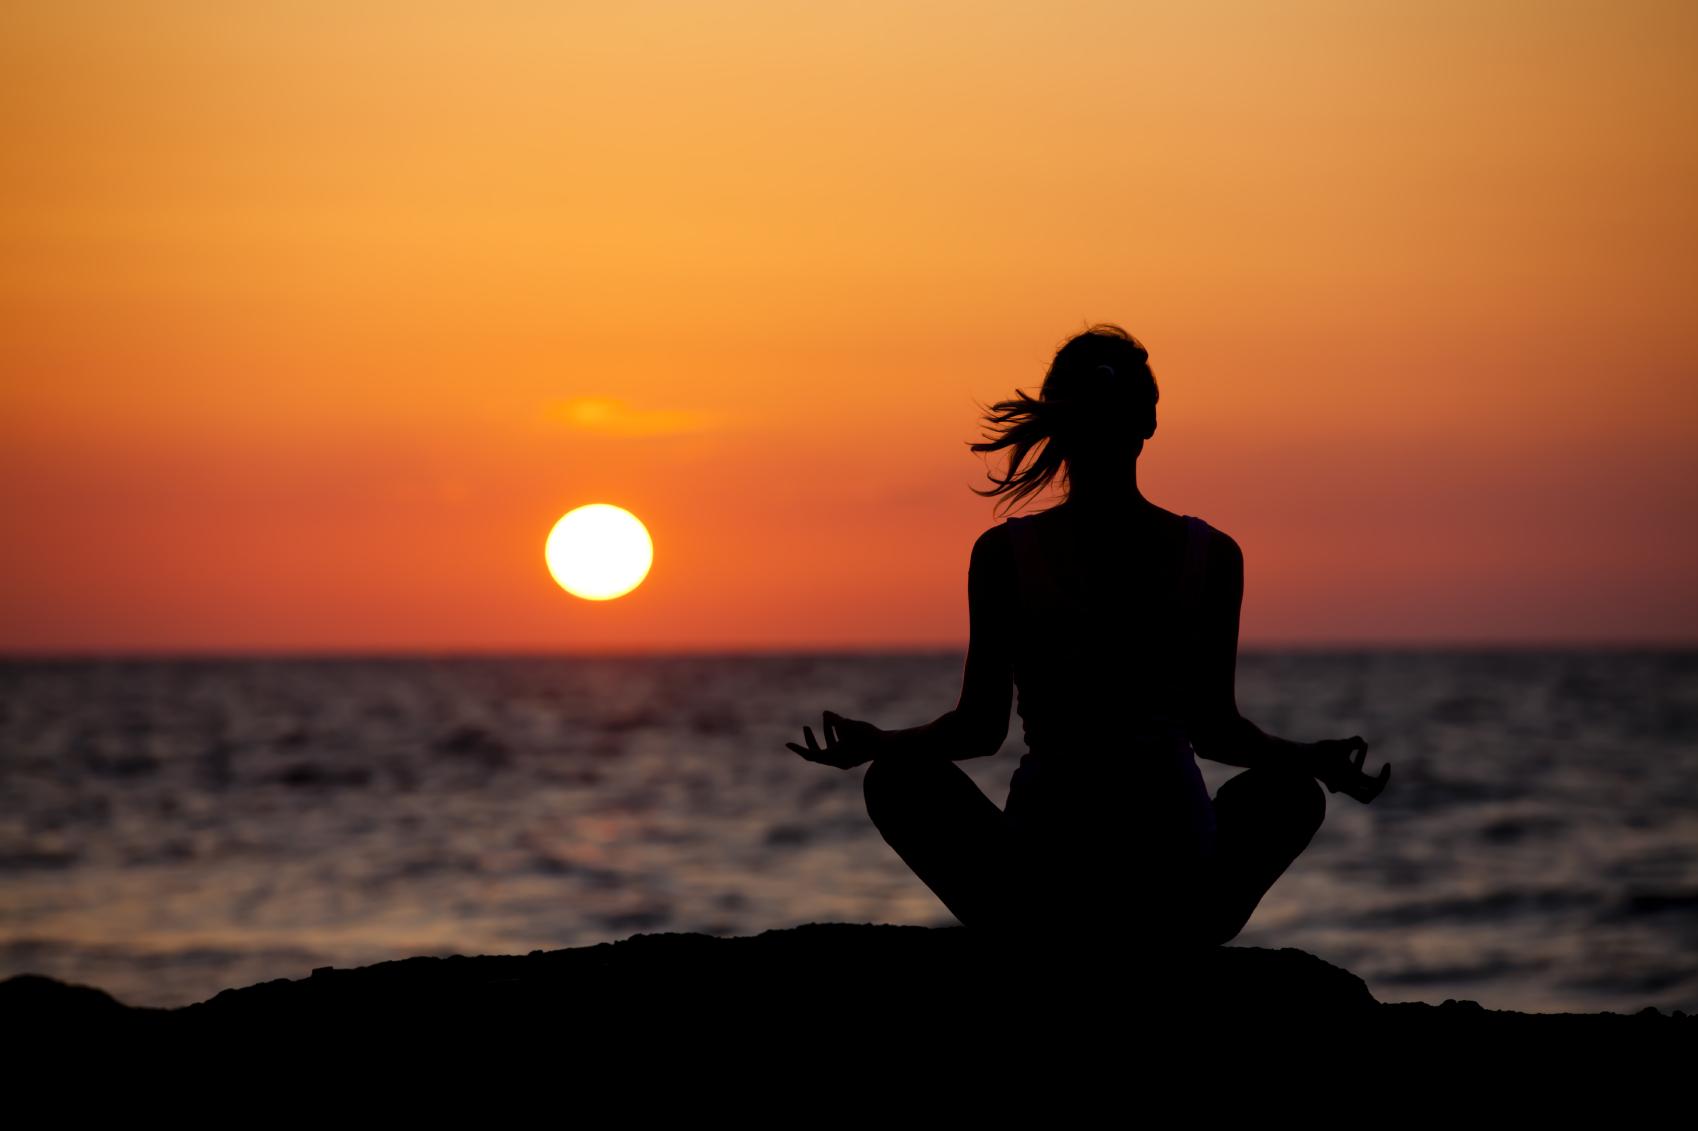 om meditation wallpaper - photo #30